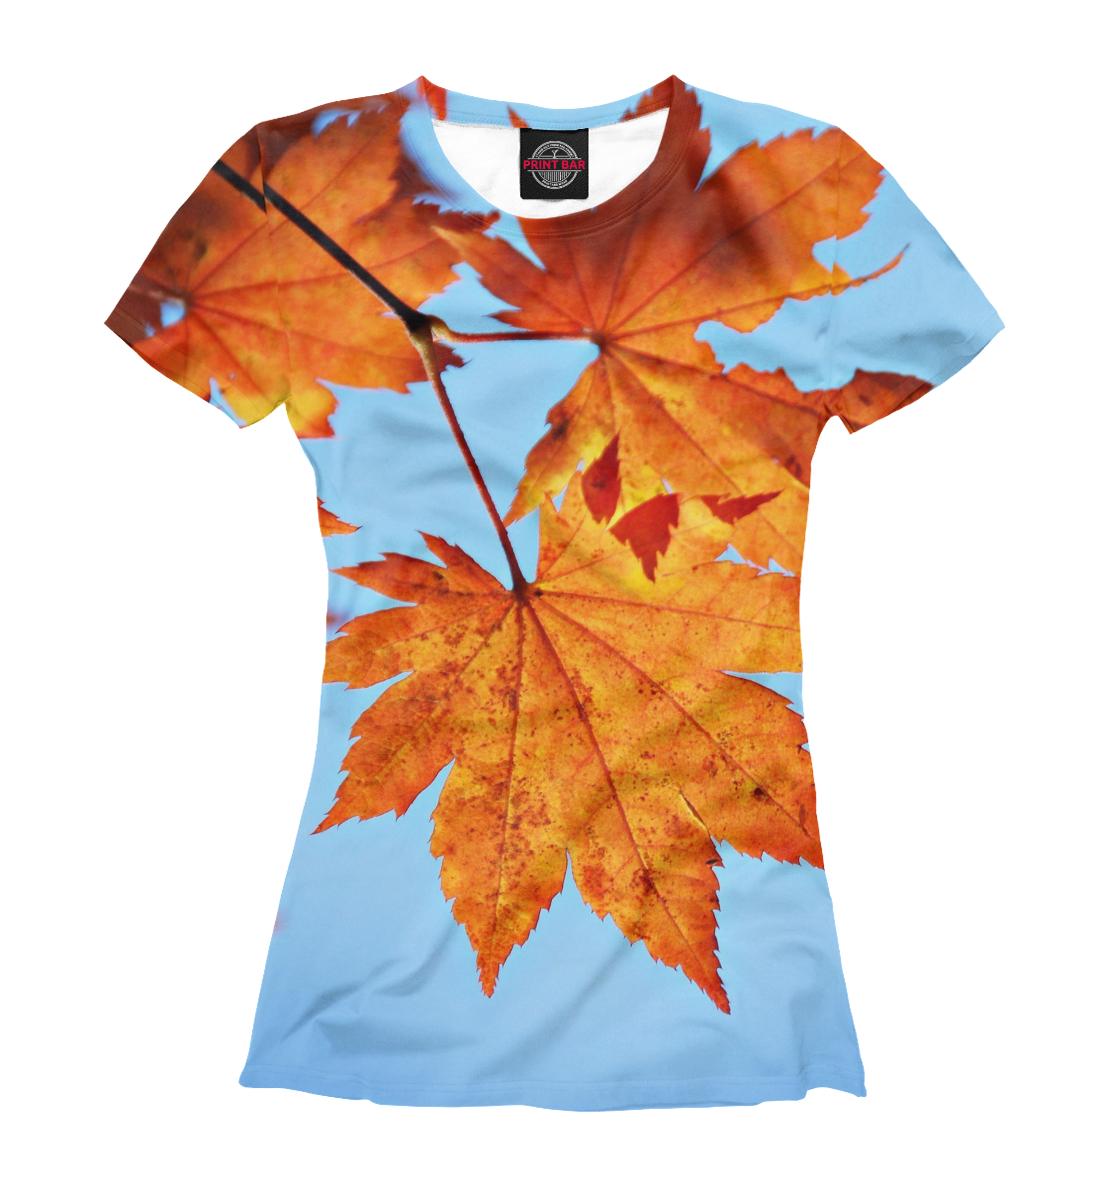 Купить Осенние кленовые листья, Printbar, Футболки, PEY-635042-fut-1